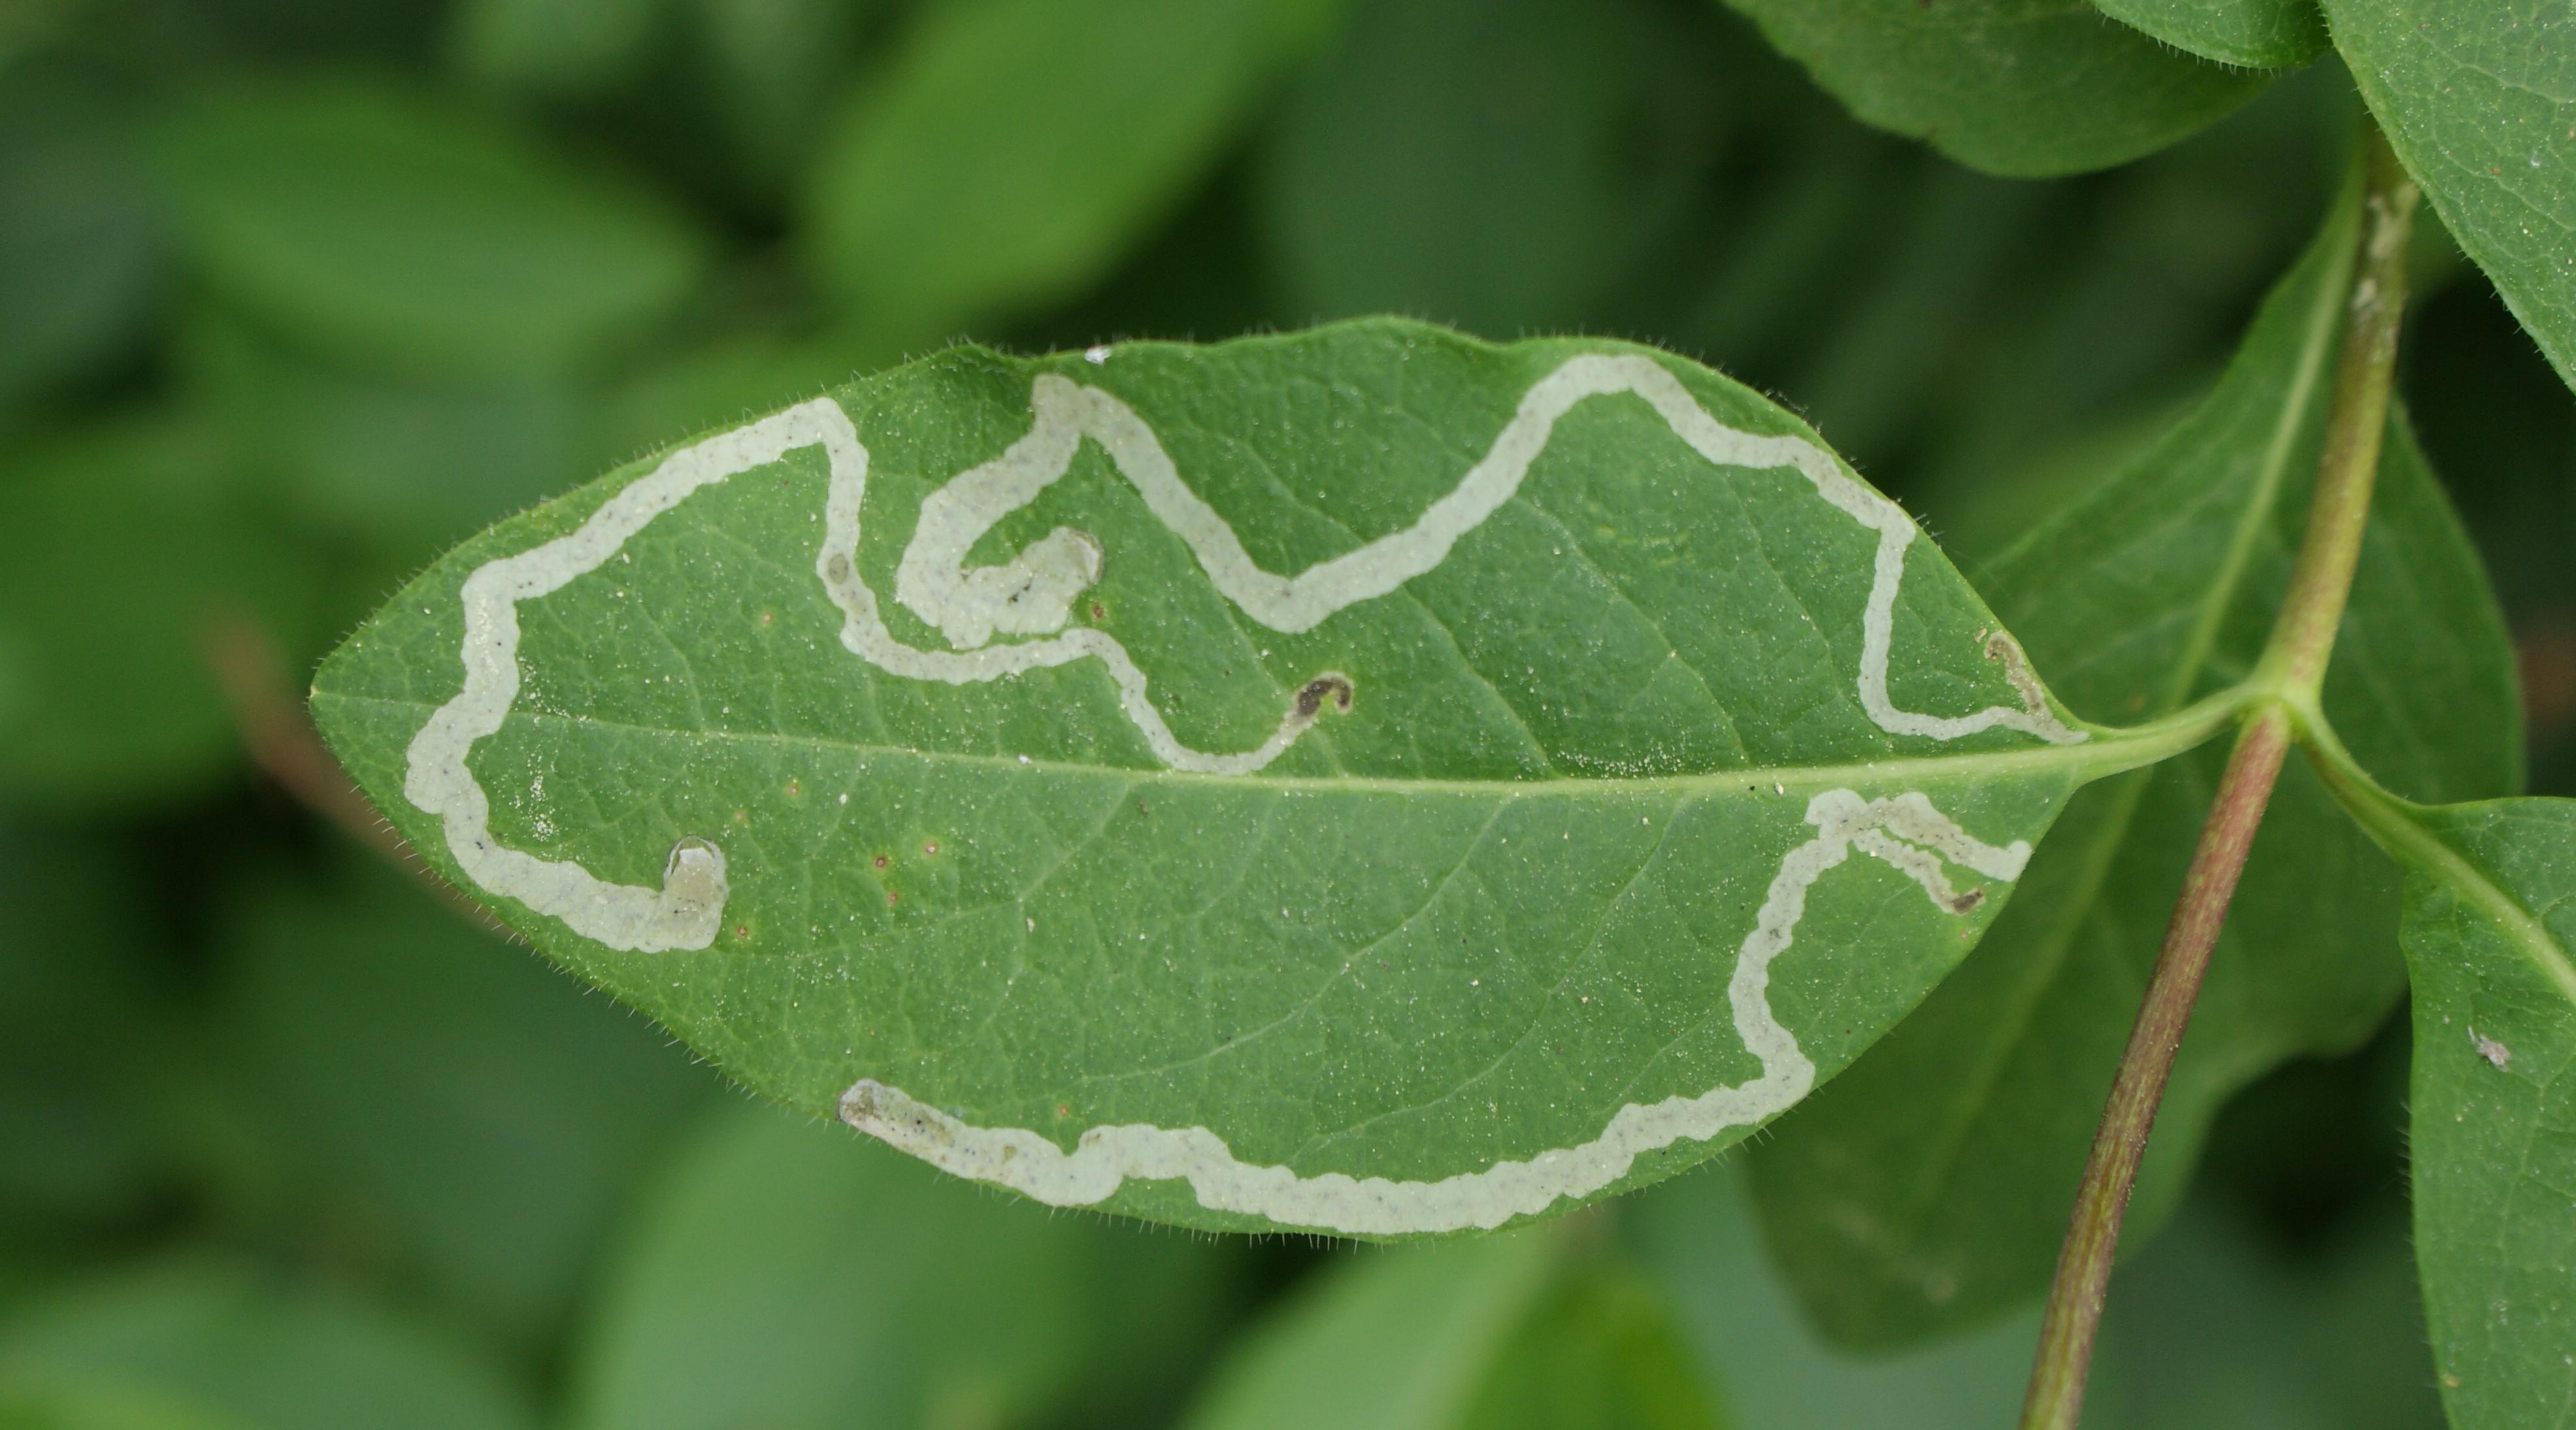 применение луковой шелухи на огороде и дачном участке